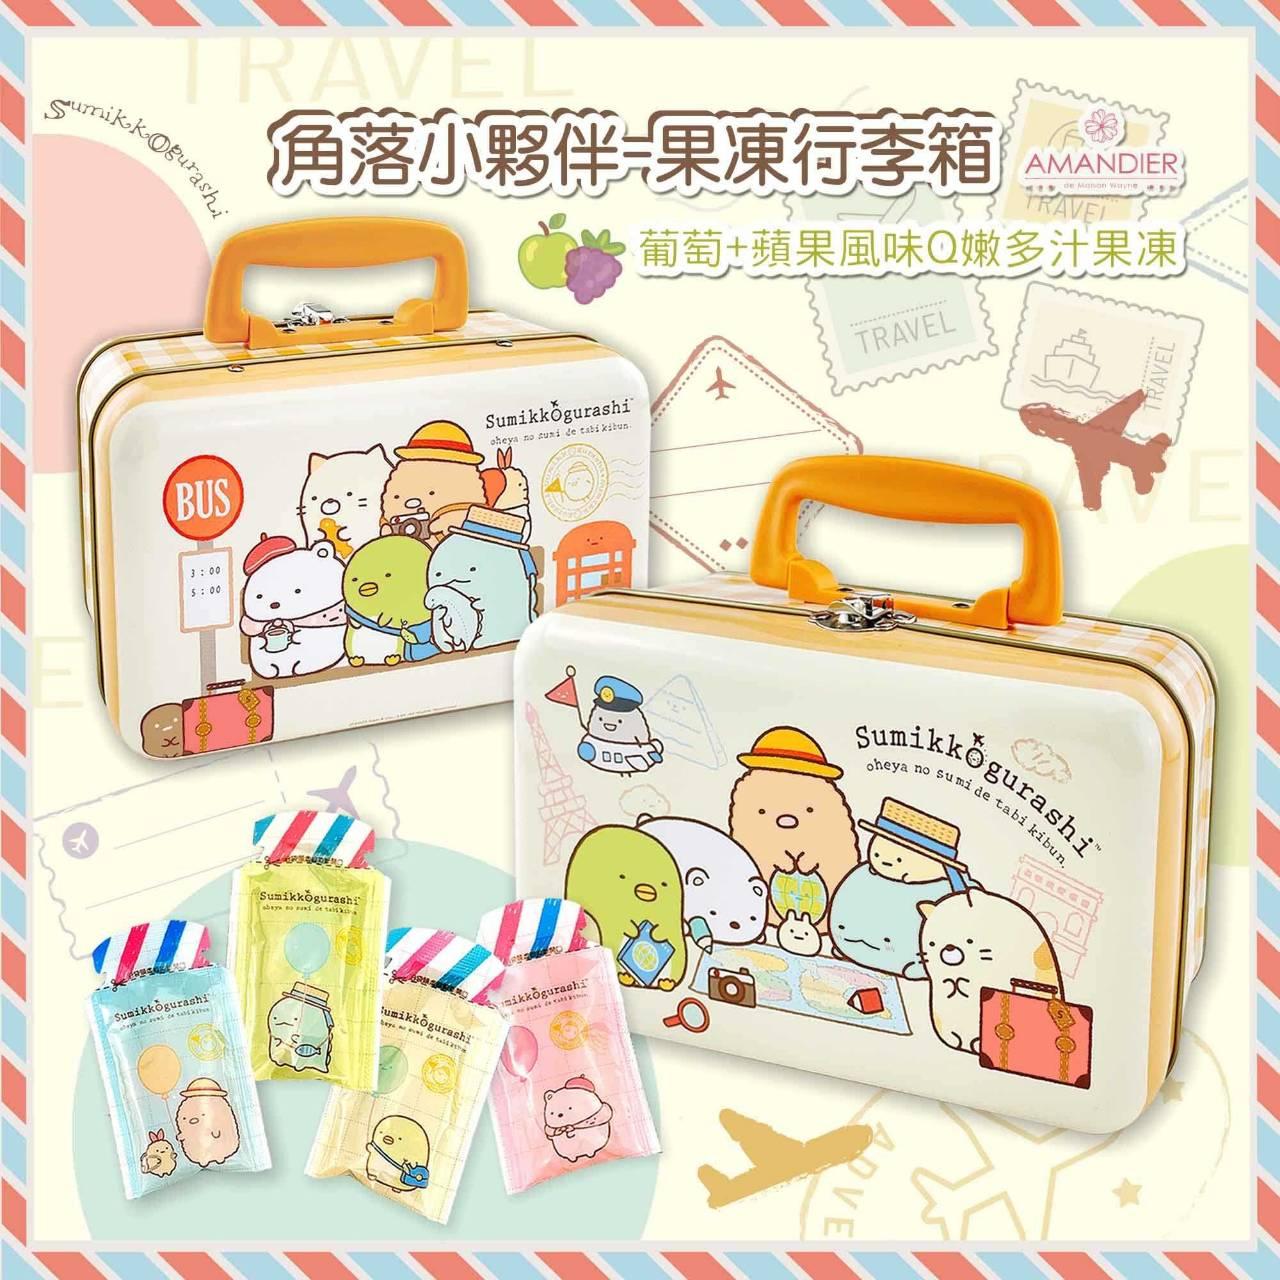 角落生物 角落小夥伴 果凍行李箱 葡萄 蘋果 26入包 台灣製造 正版授權